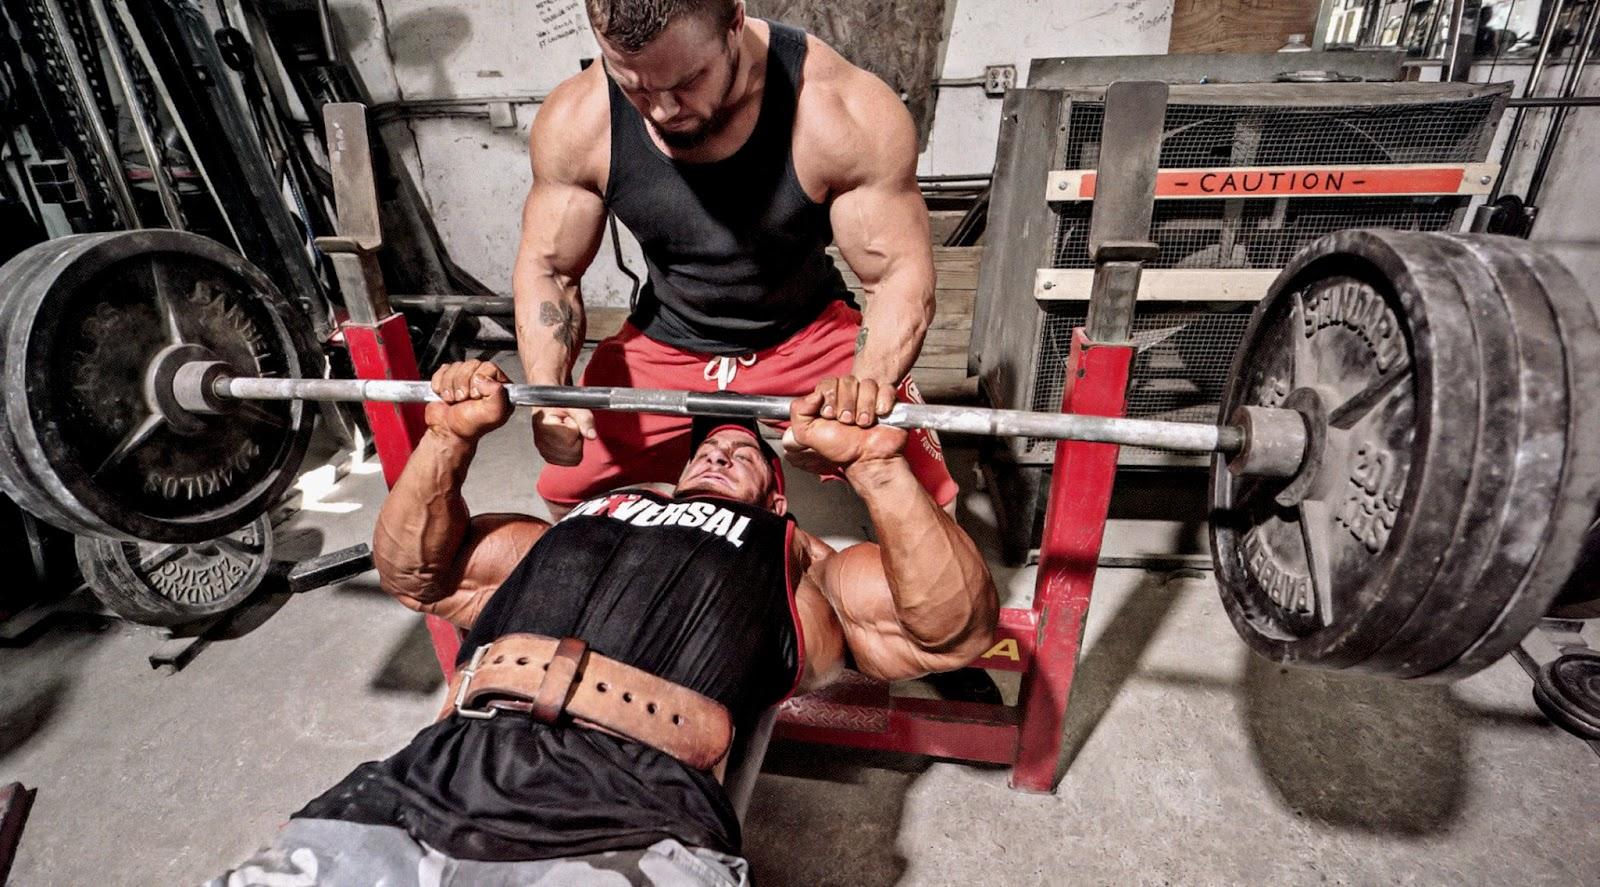 Тренировка с собственным весом | есть ли от нее польза? | bestbodyblog.com